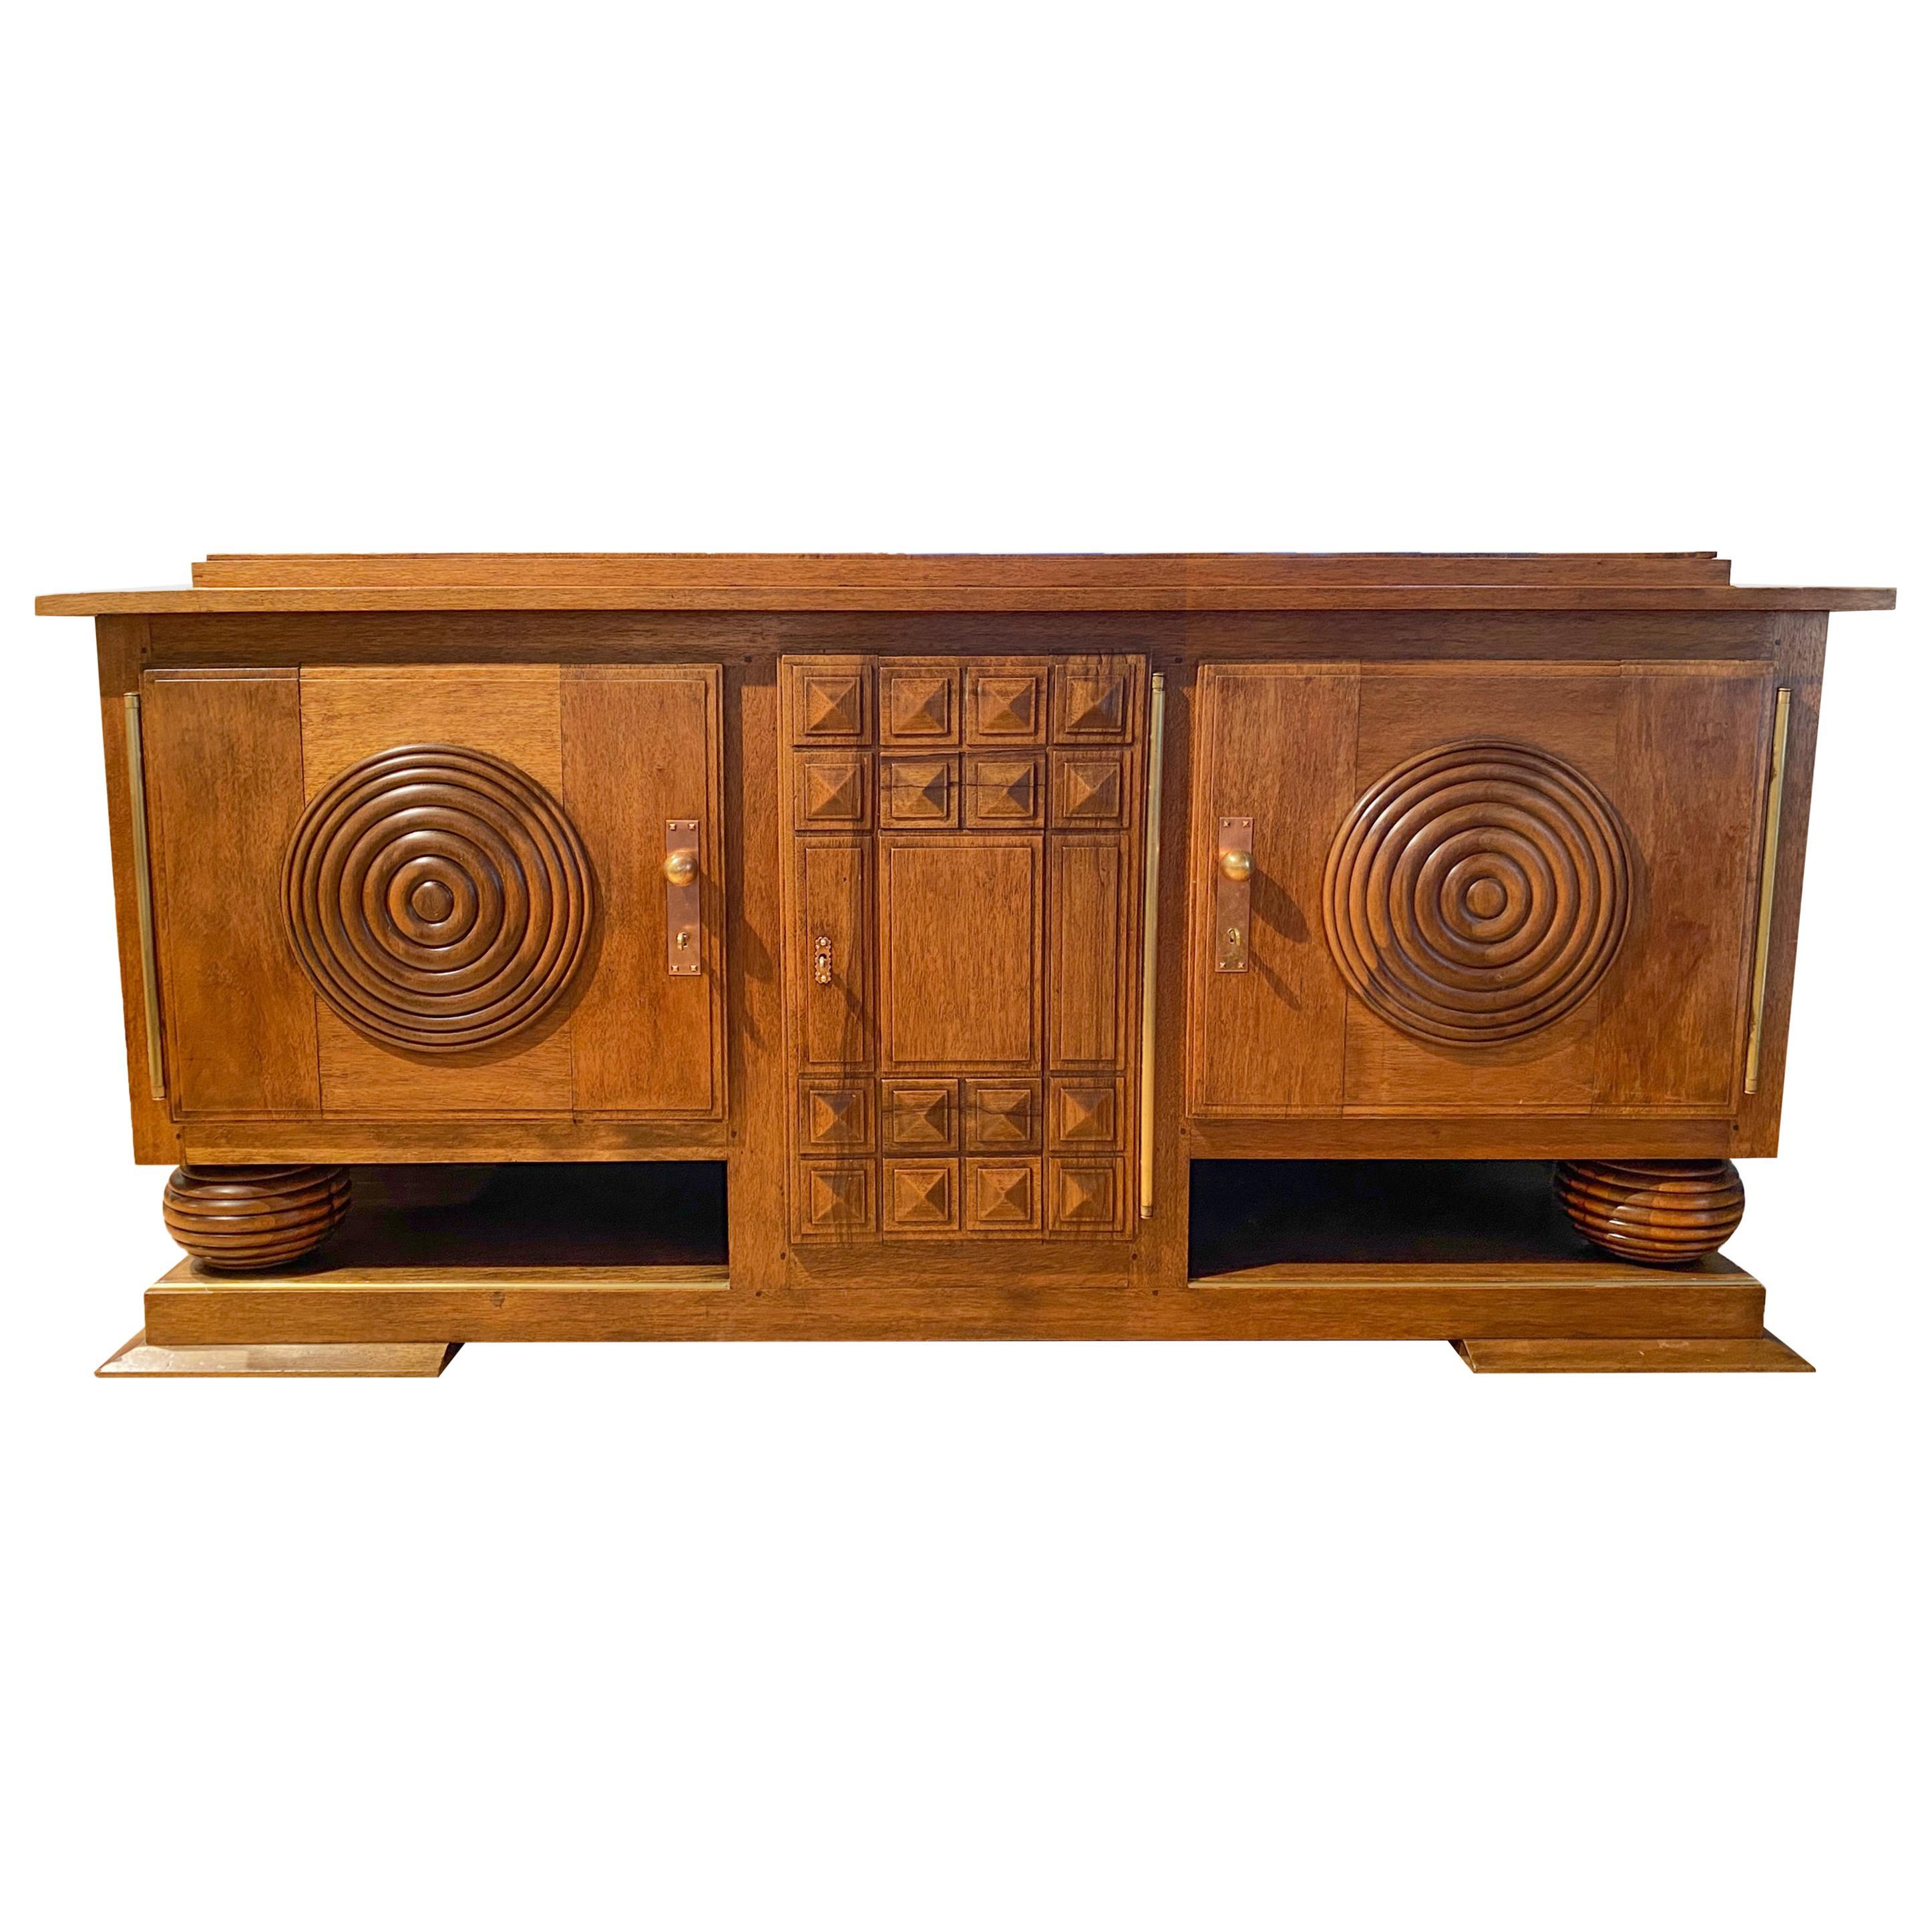 Art Deco Walnut Sideboard, circa 1940, France